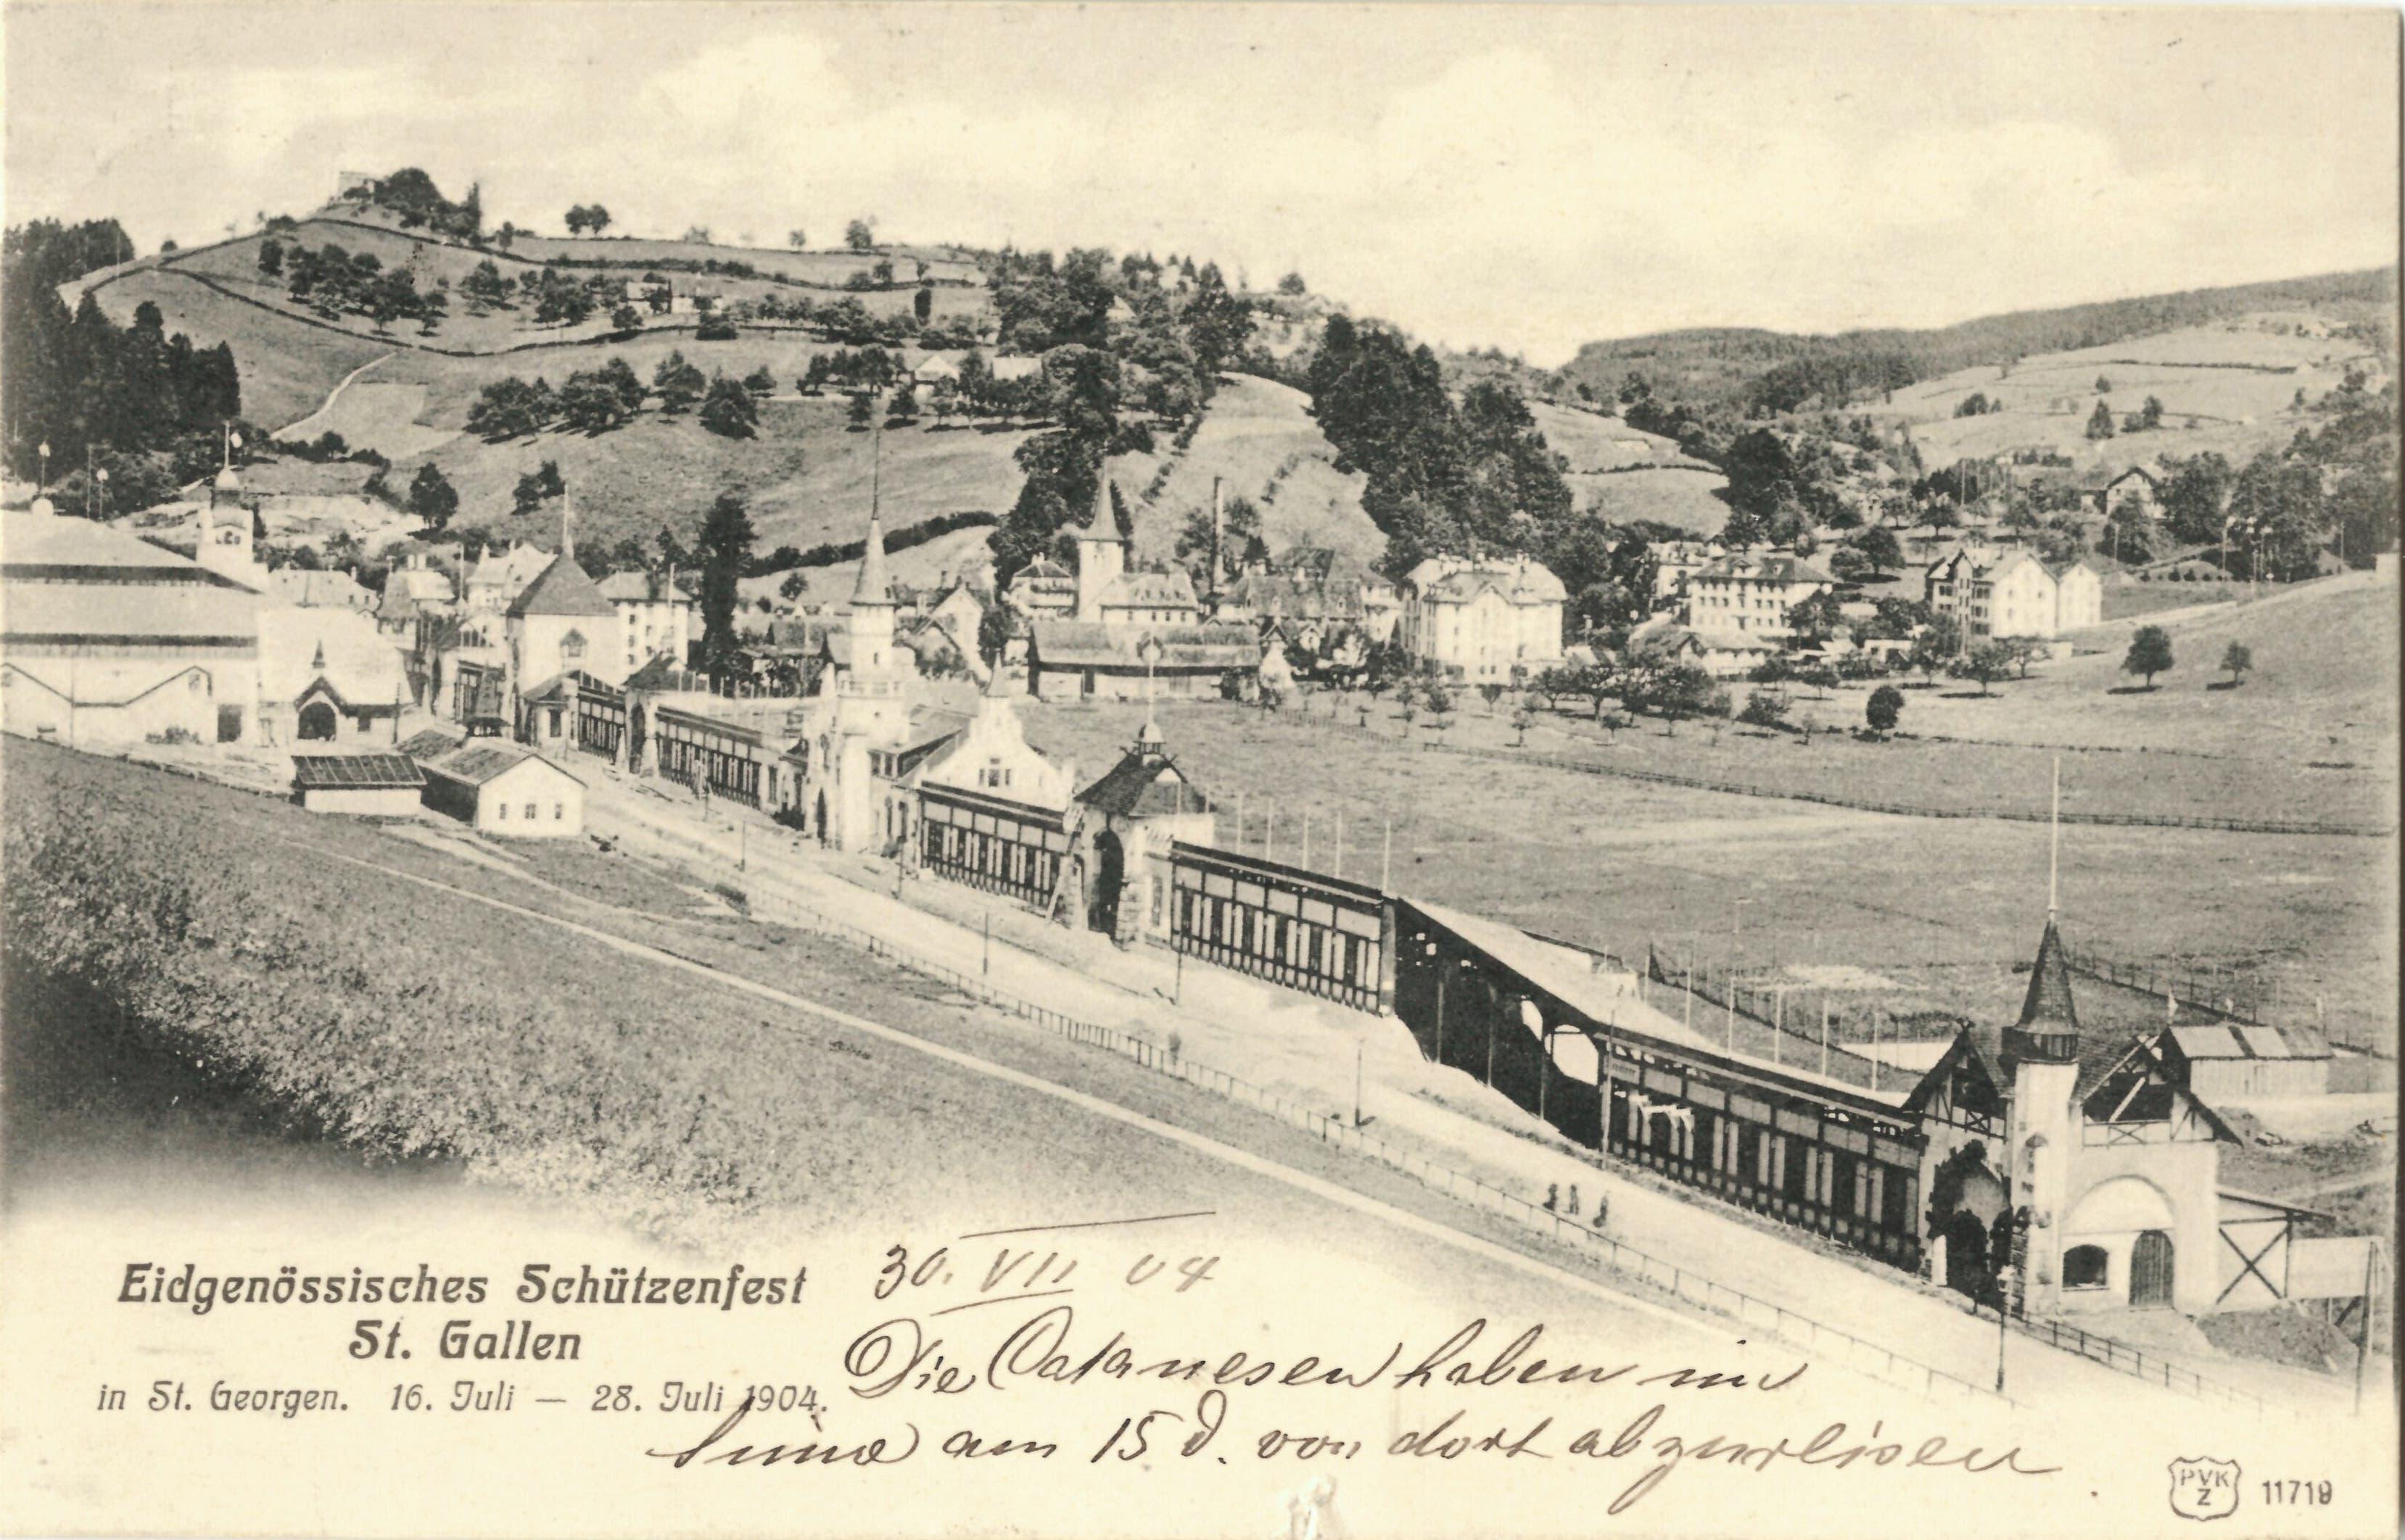 1904 fand in St.Georgen bei St.Gallen das Eidgenössische Schützenfest statt.